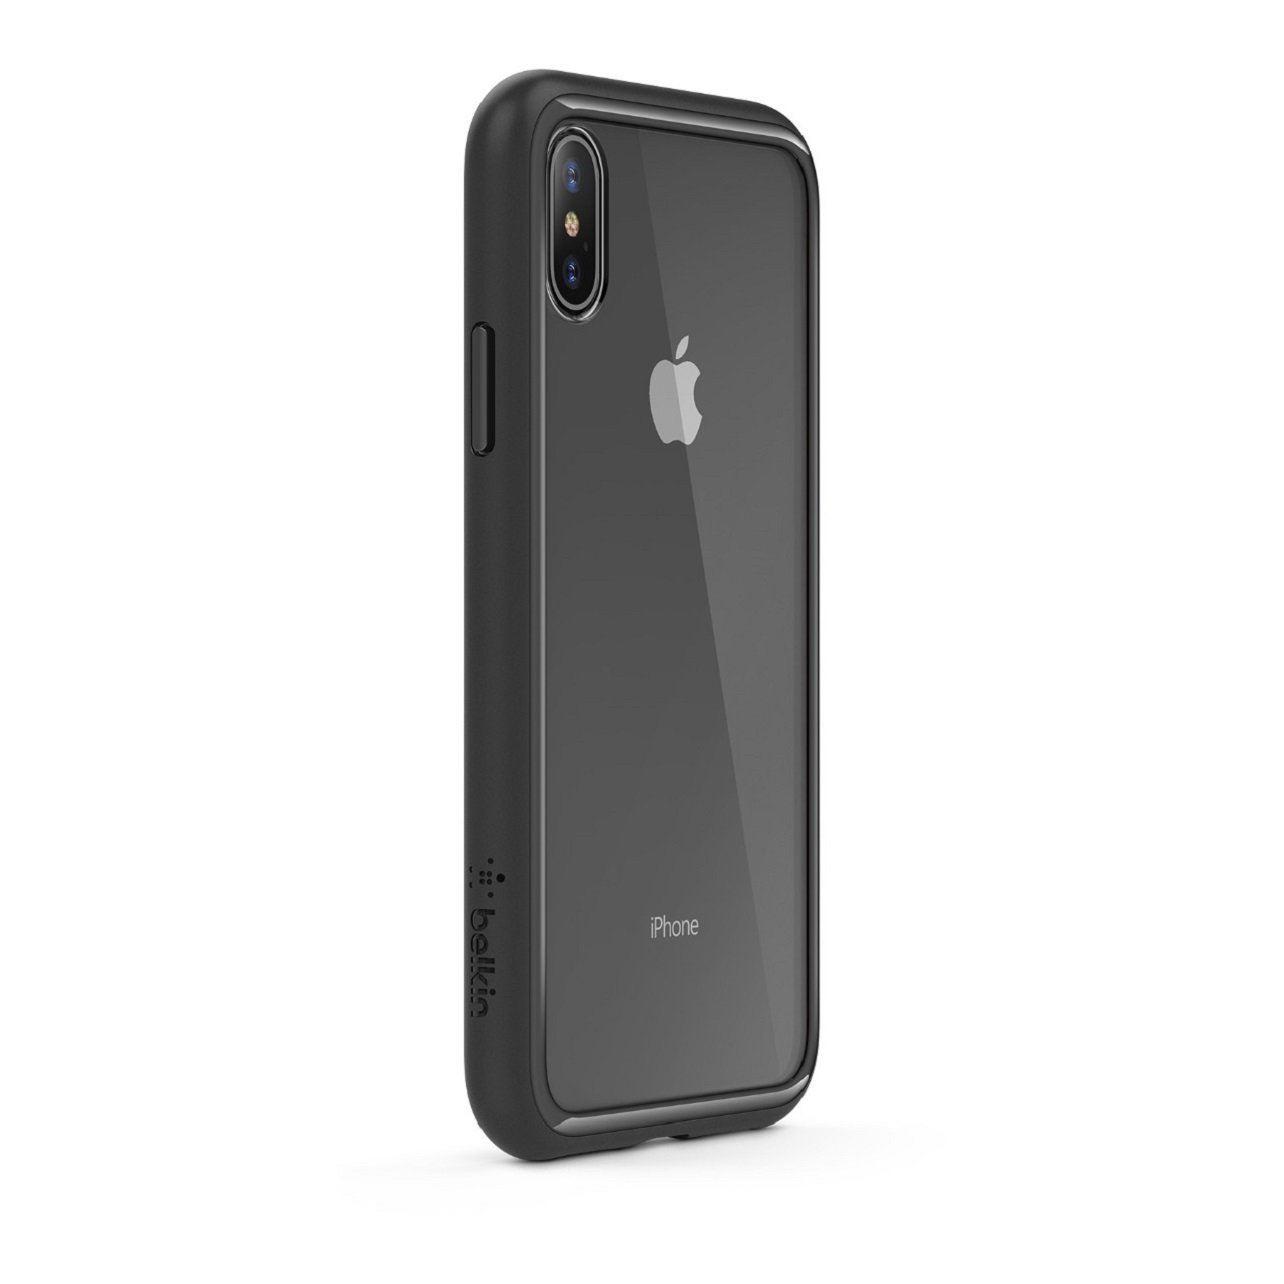 Indexbild 13 - Belkin sheerforce Elite Drop schützende resistente transparente Schutzhülle für iPhone x